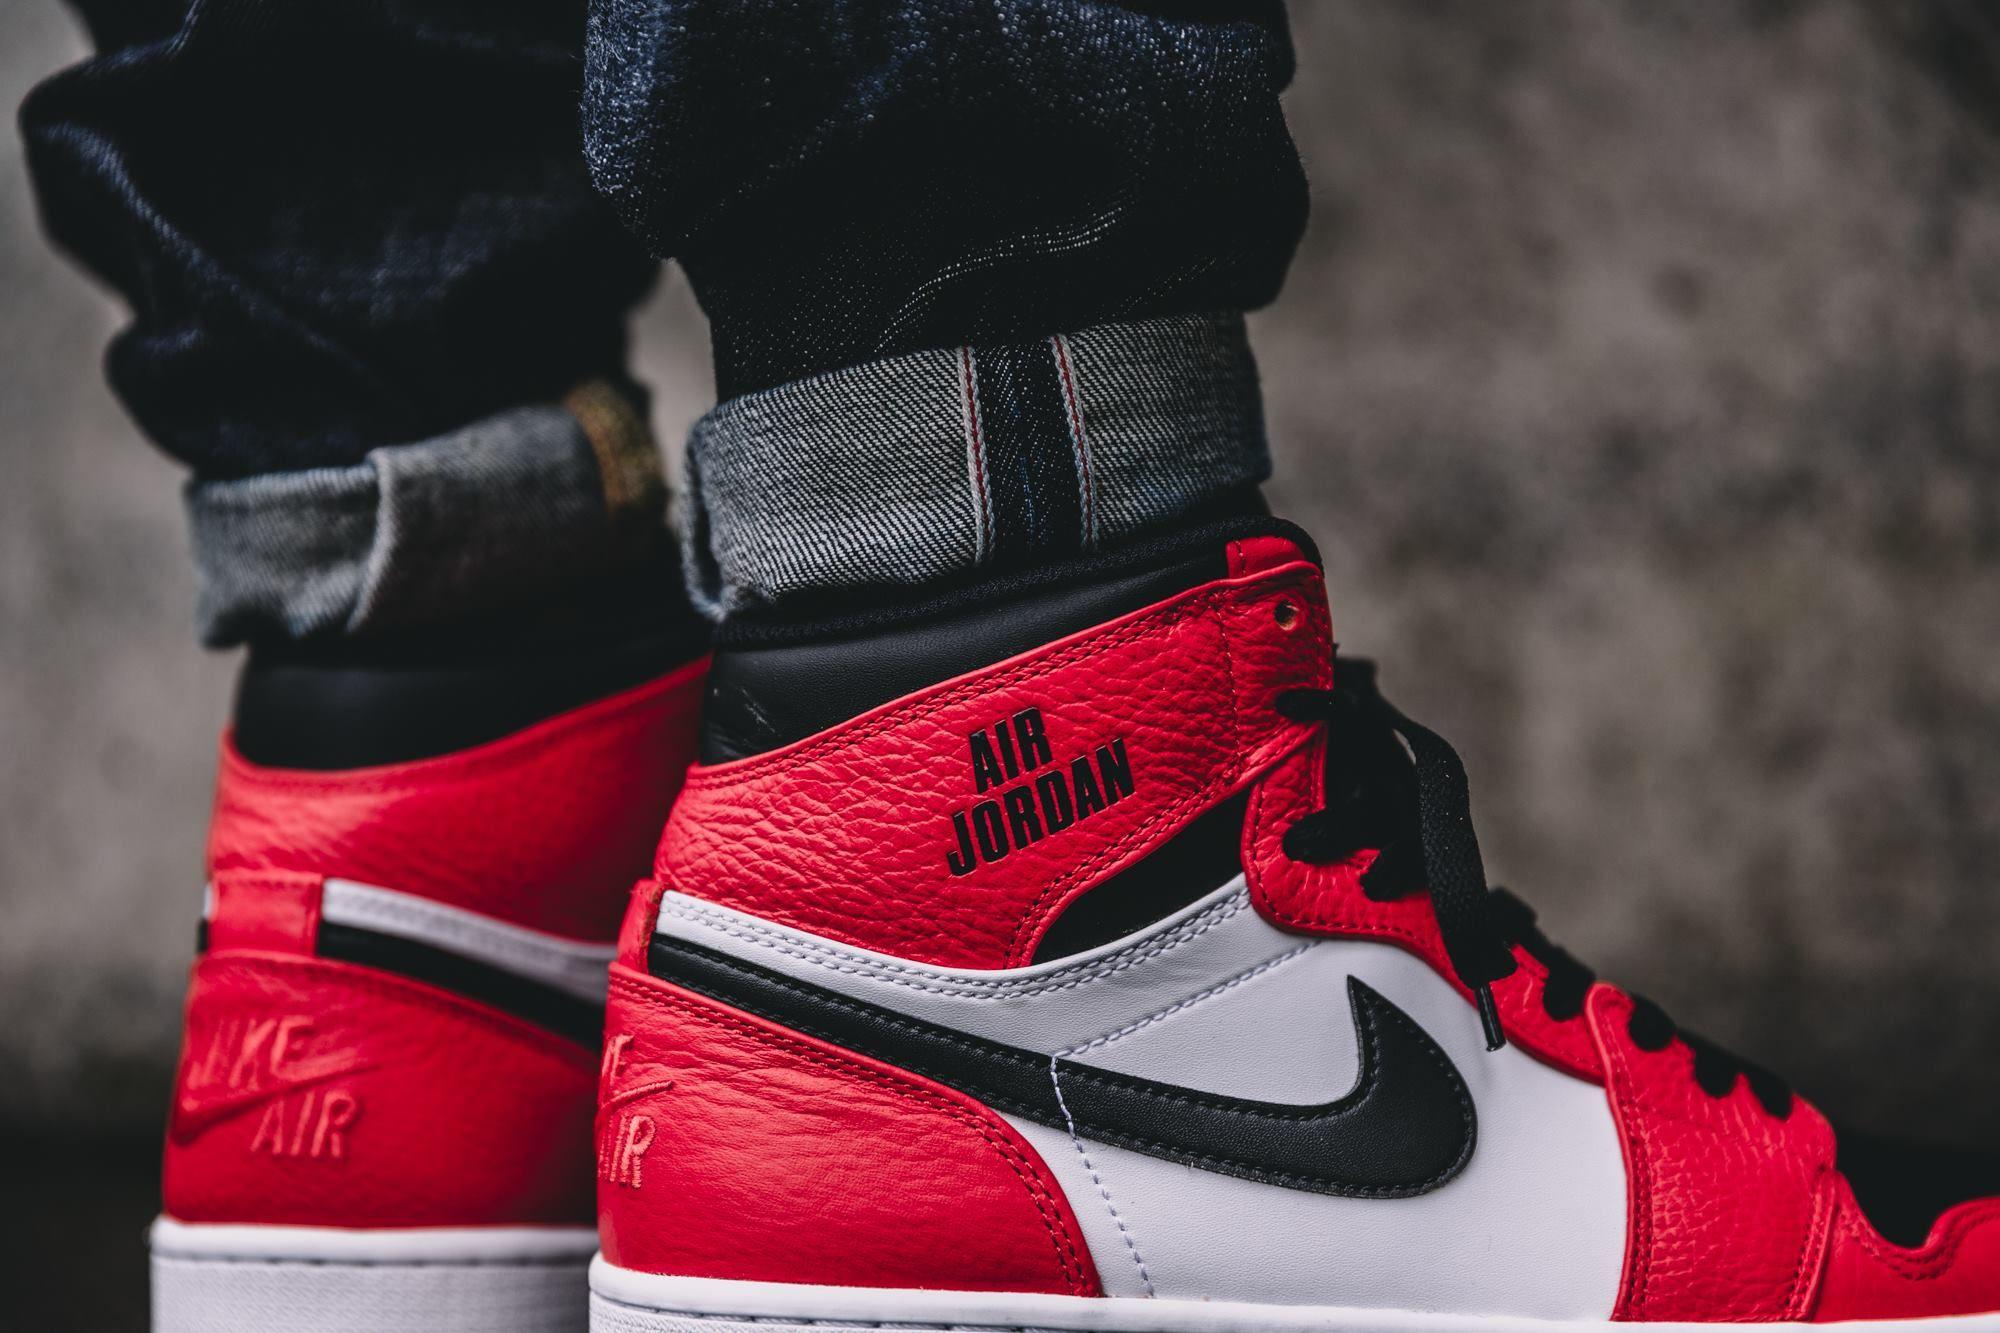 Air Jordan 1 Retro High – Rare Air 'Max